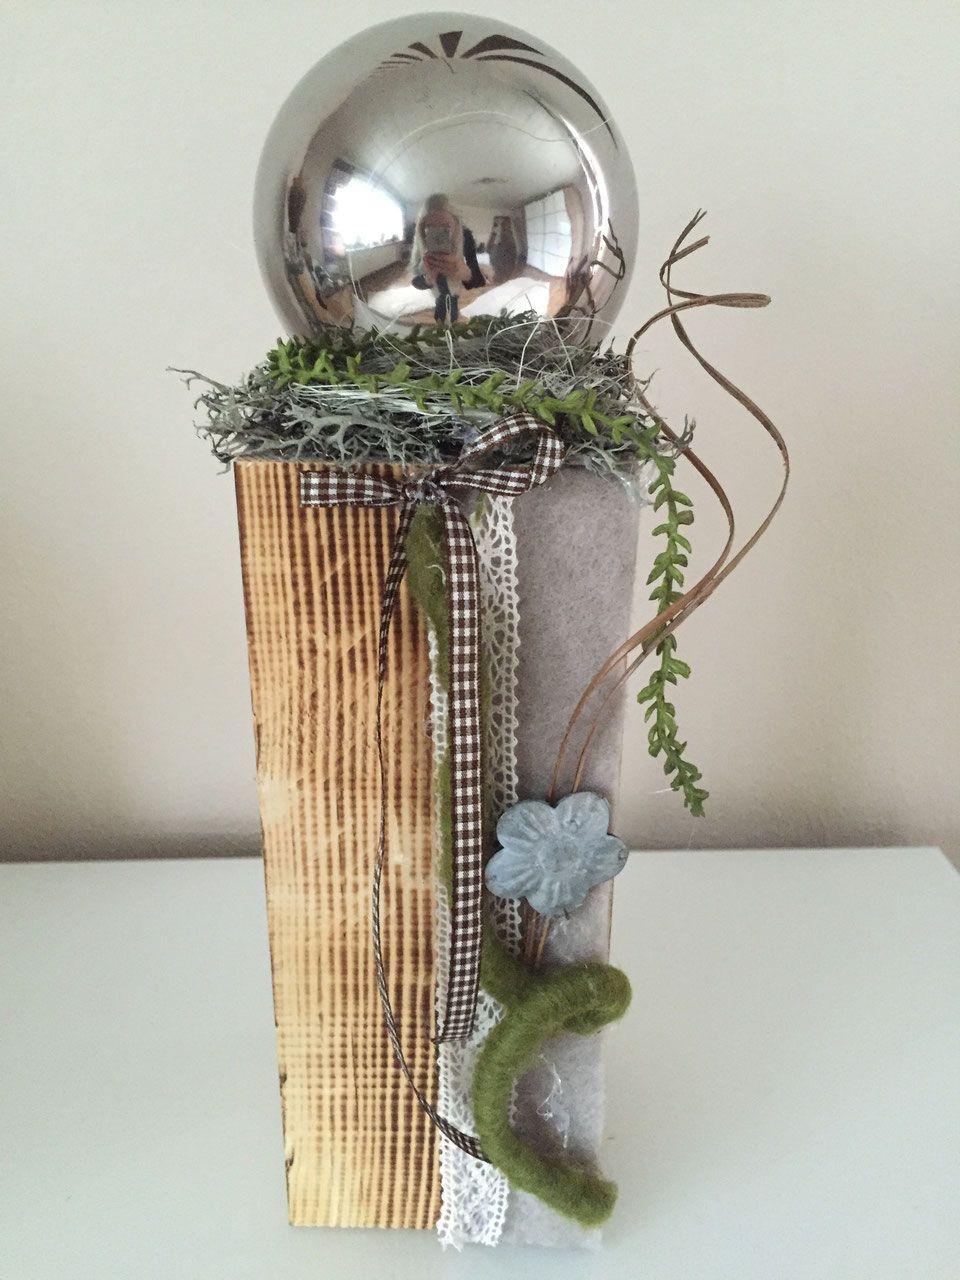 holzblock mit silberkugel butterfly deko pinterest weihnachten weihnachtsdekoration und deko. Black Bedroom Furniture Sets. Home Design Ideas